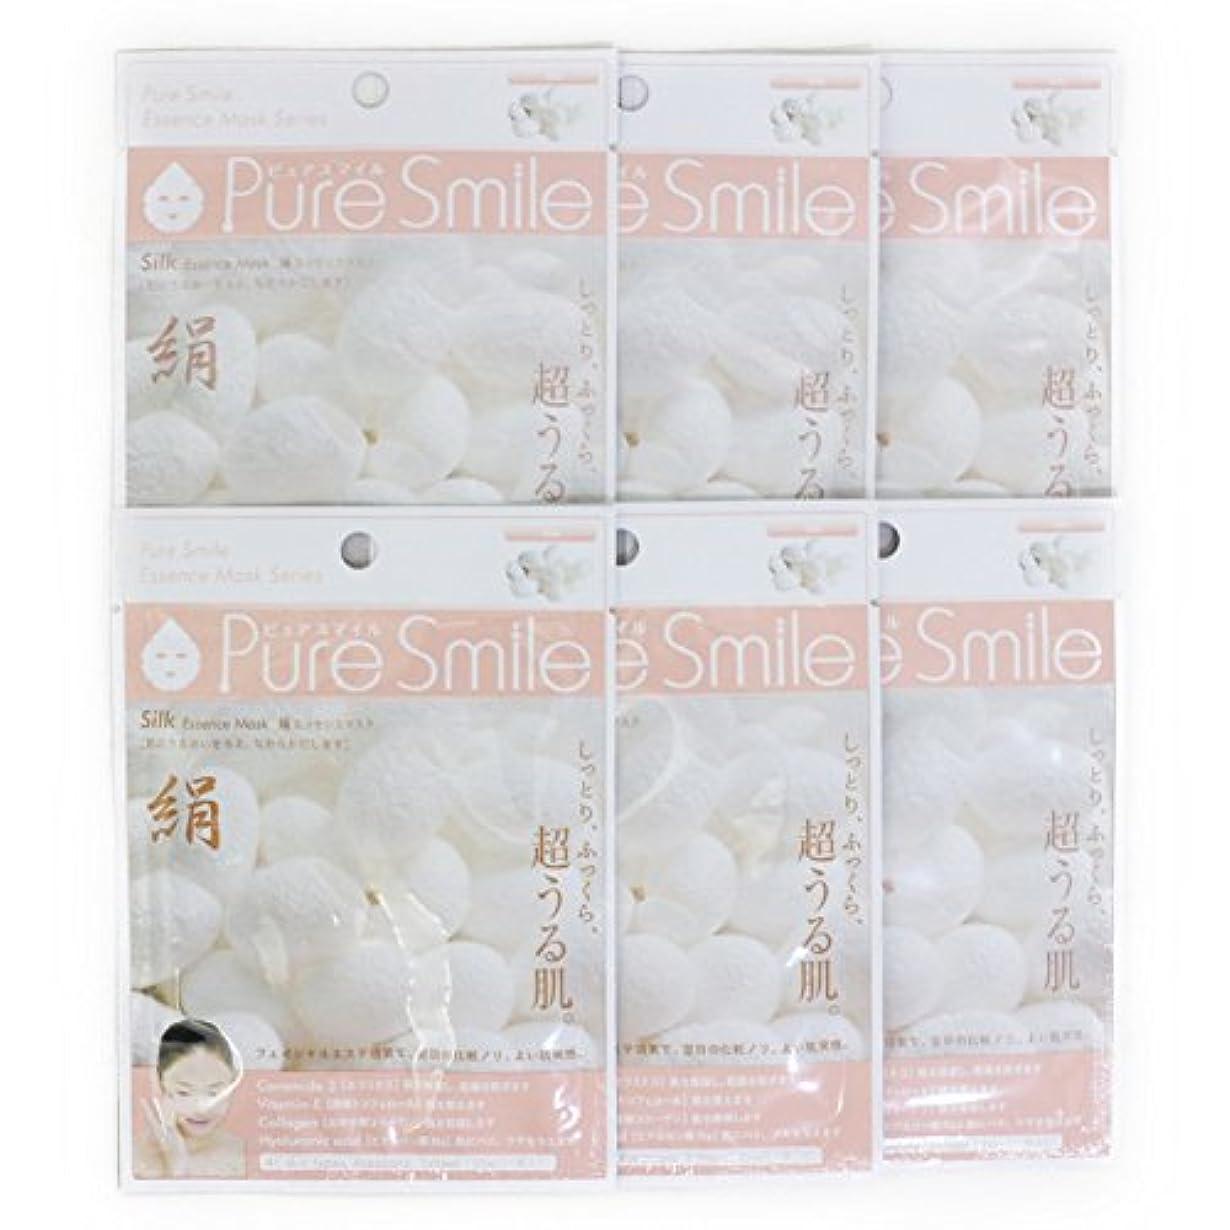 シンプルなファセット逆にPure Smile ピュアスマイル エッセンスマスク 絹 6枚セット